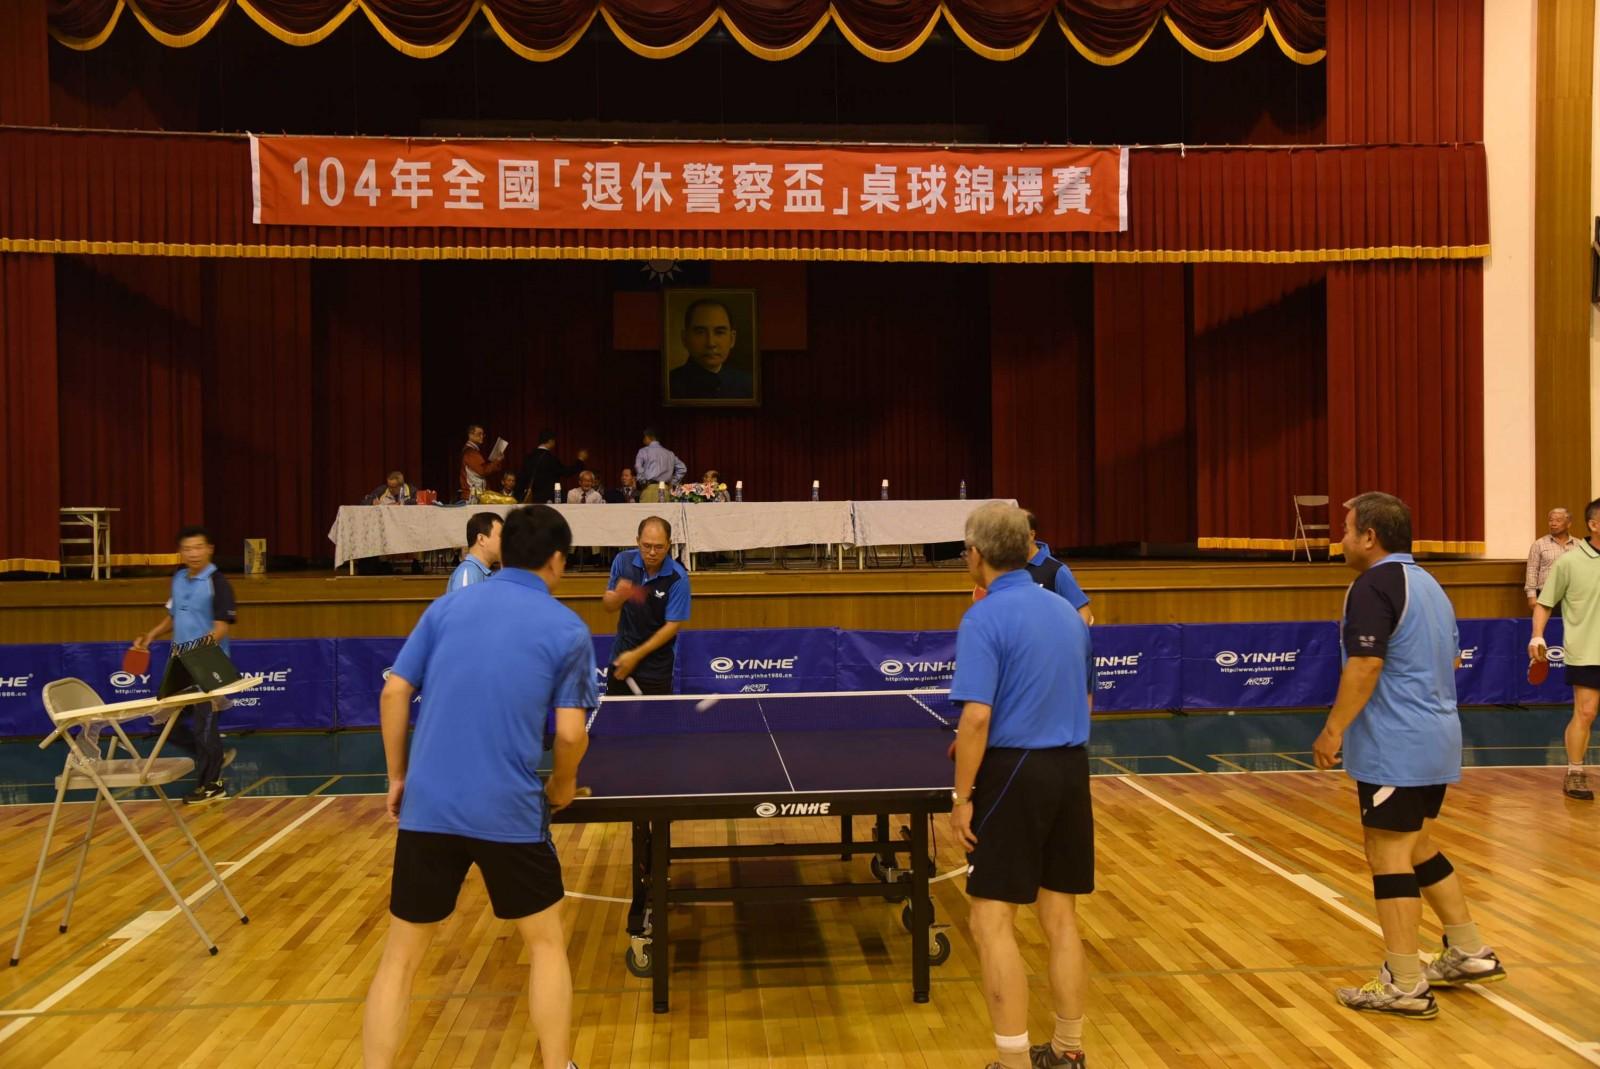 104年全國退休警察盃桌球錦標賽在高雄